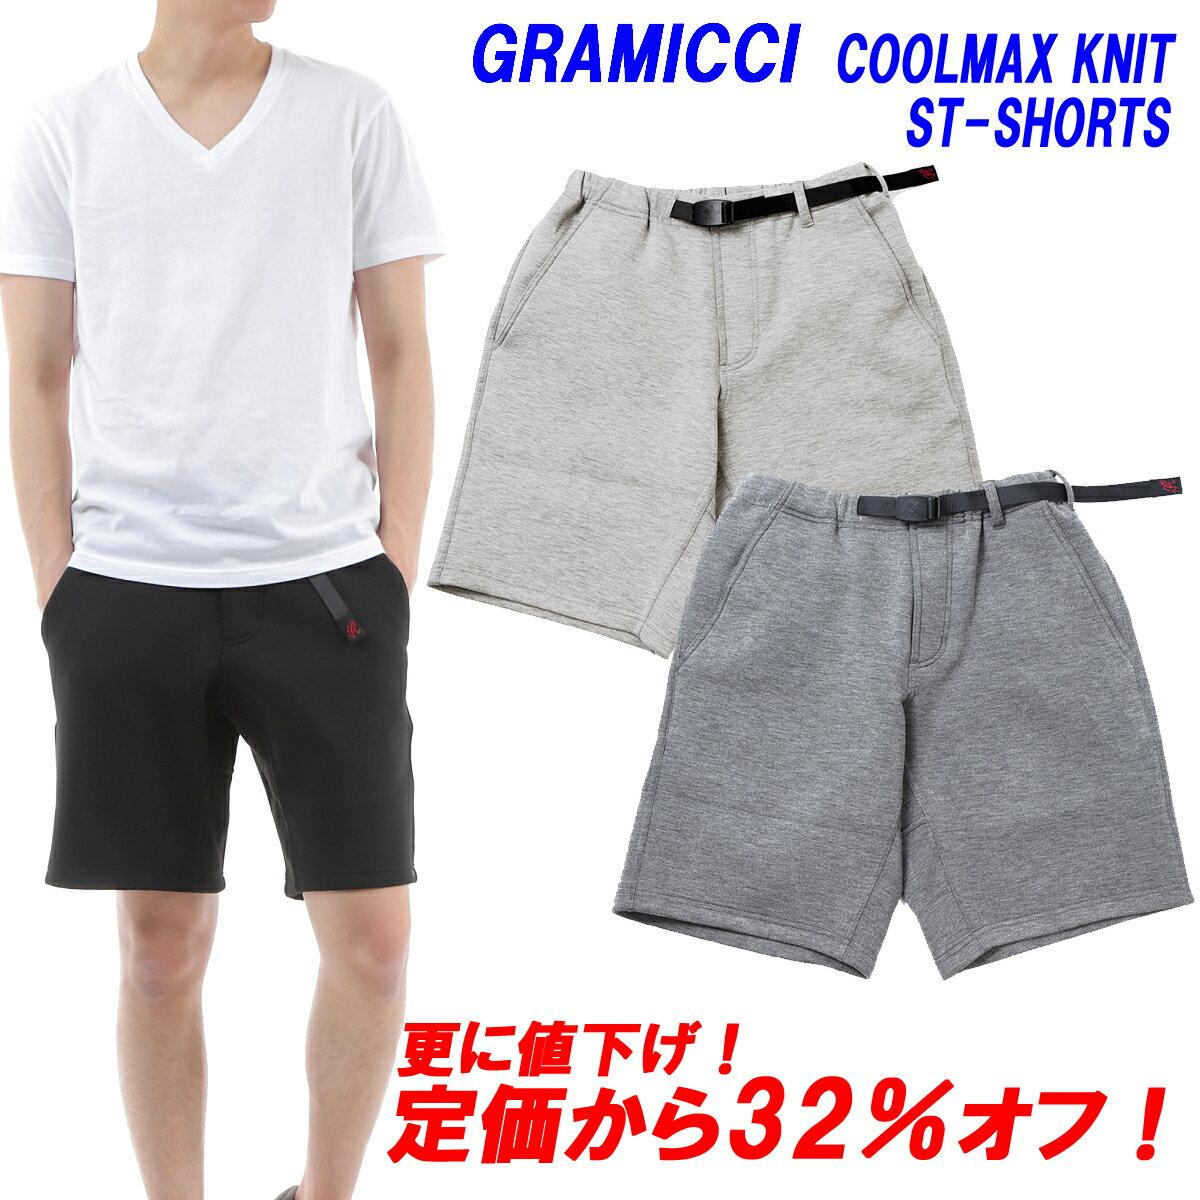 メンズファッション, ズボン・パンツ 32GRAMICCICOOLMAX KNIT ST-SHORTSST GMP-20S010